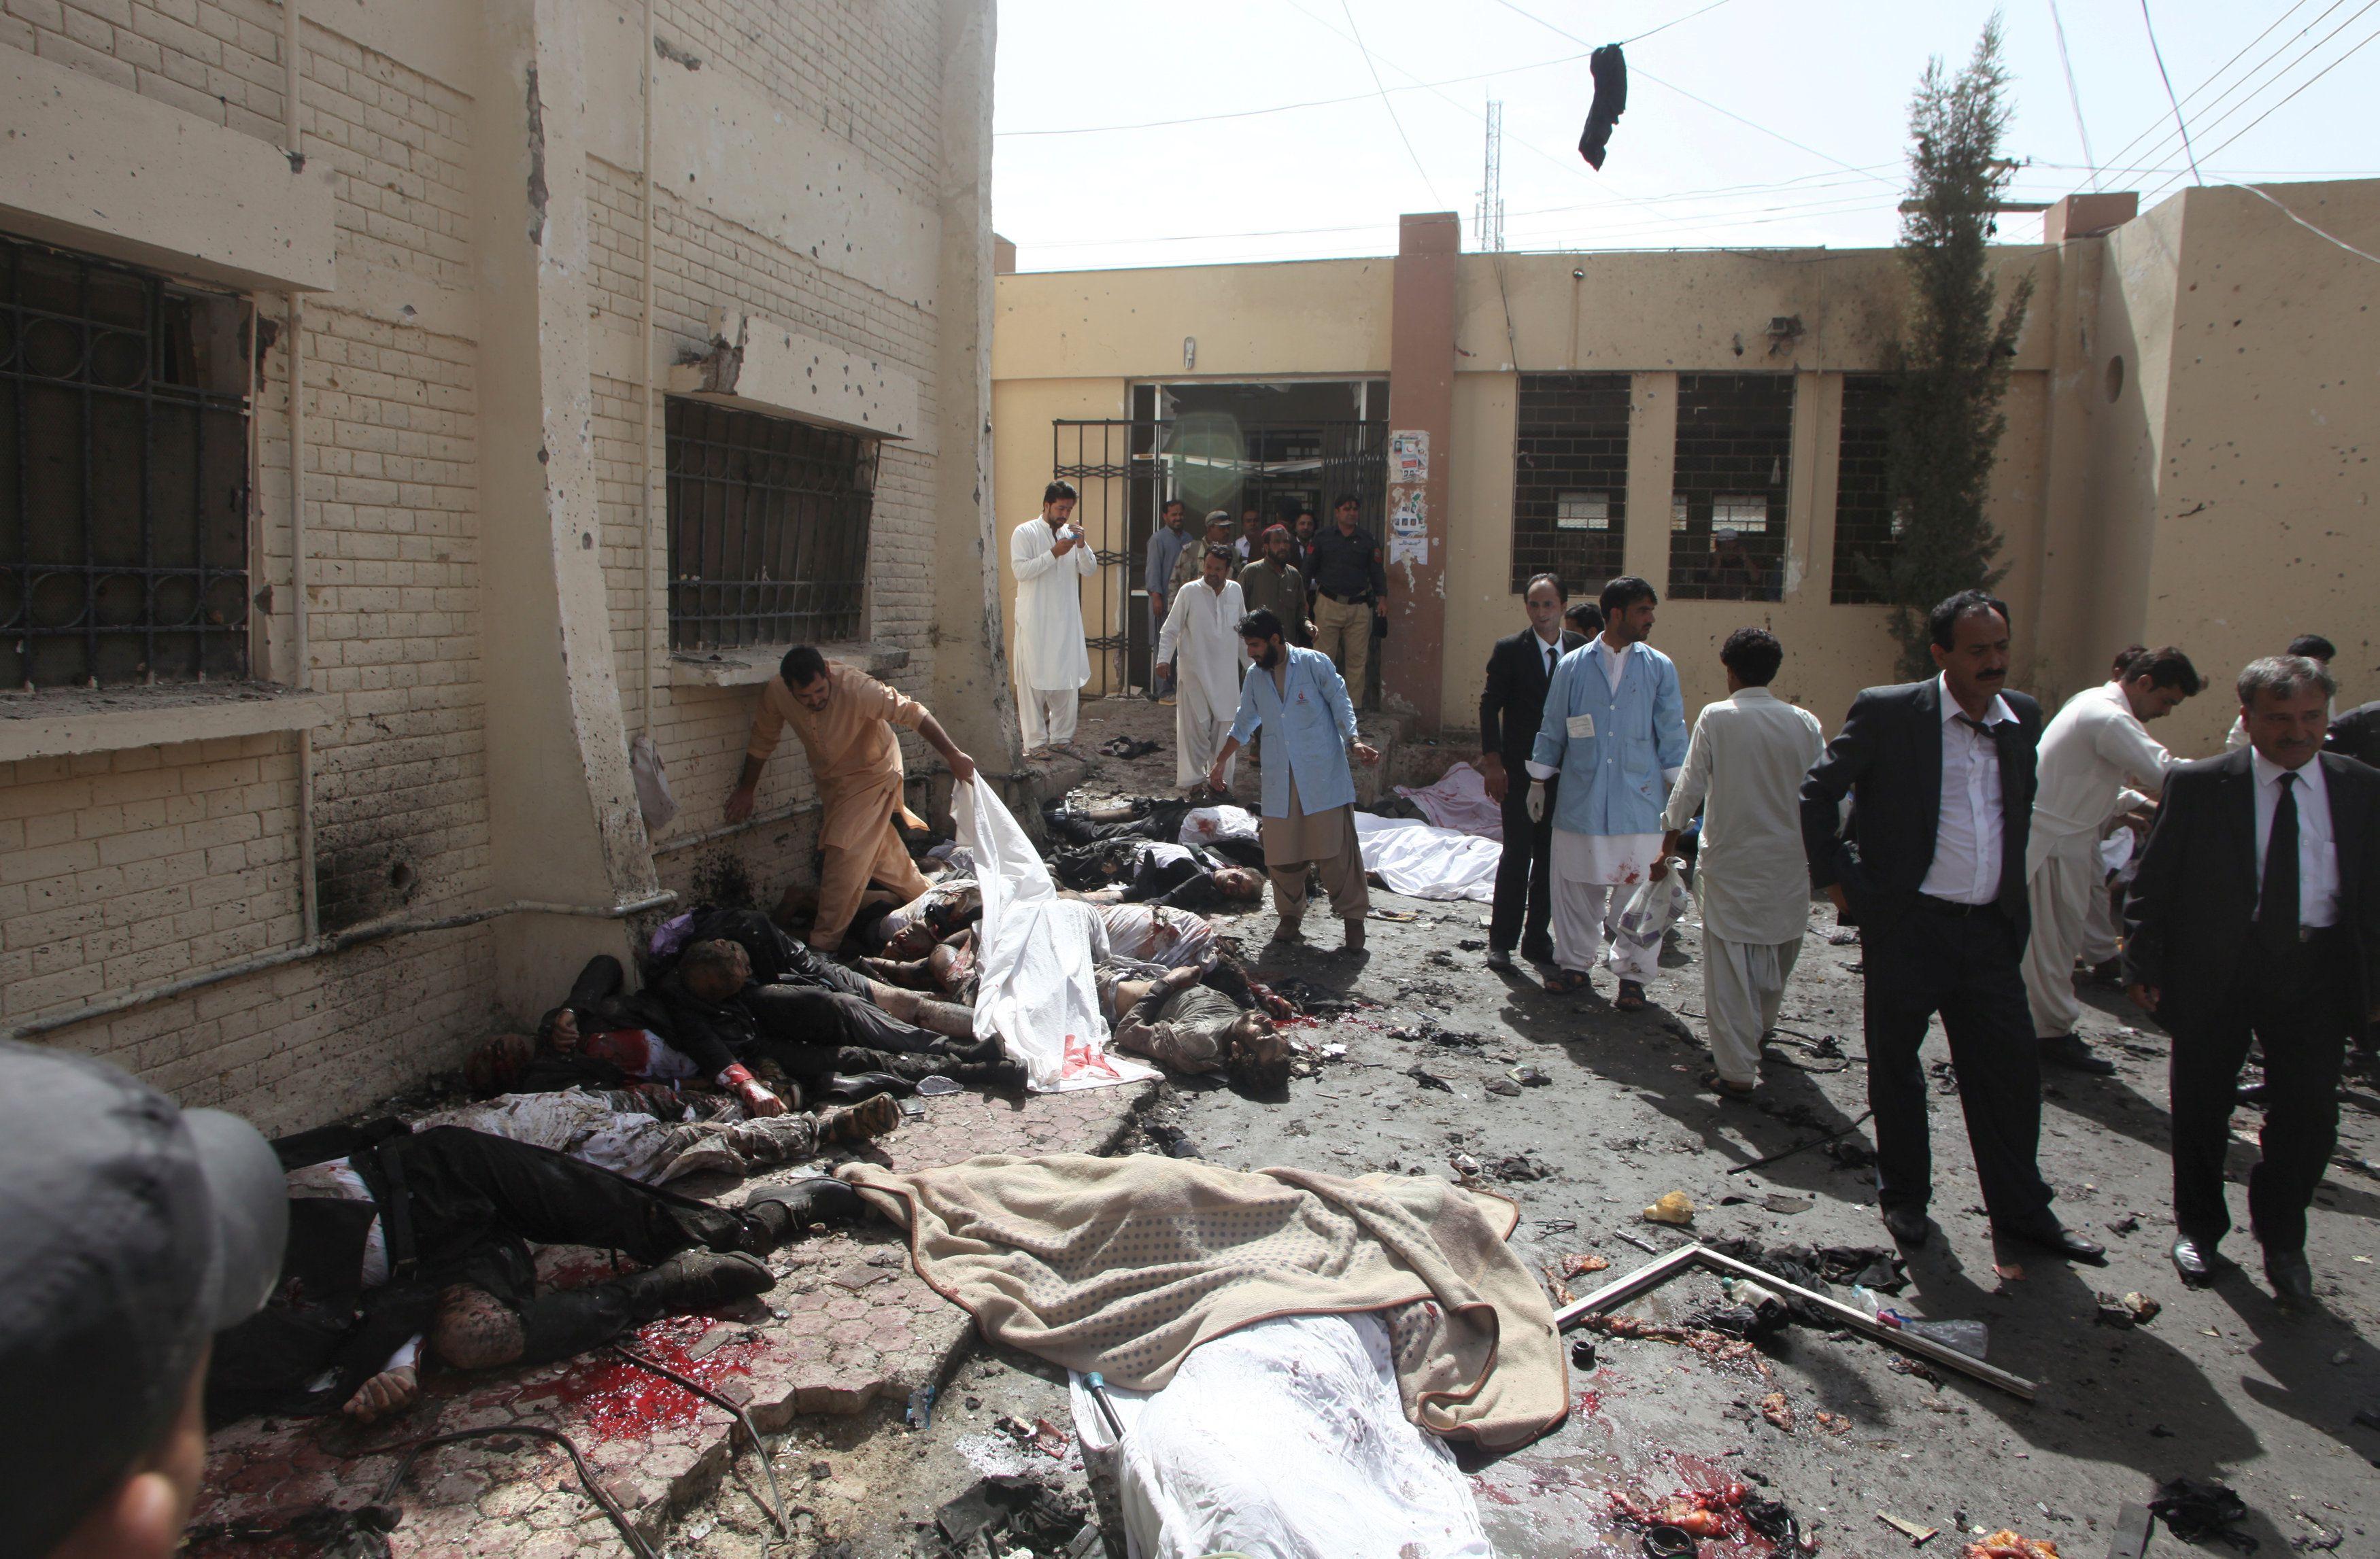 В результате взрыва пострадали 19 человек